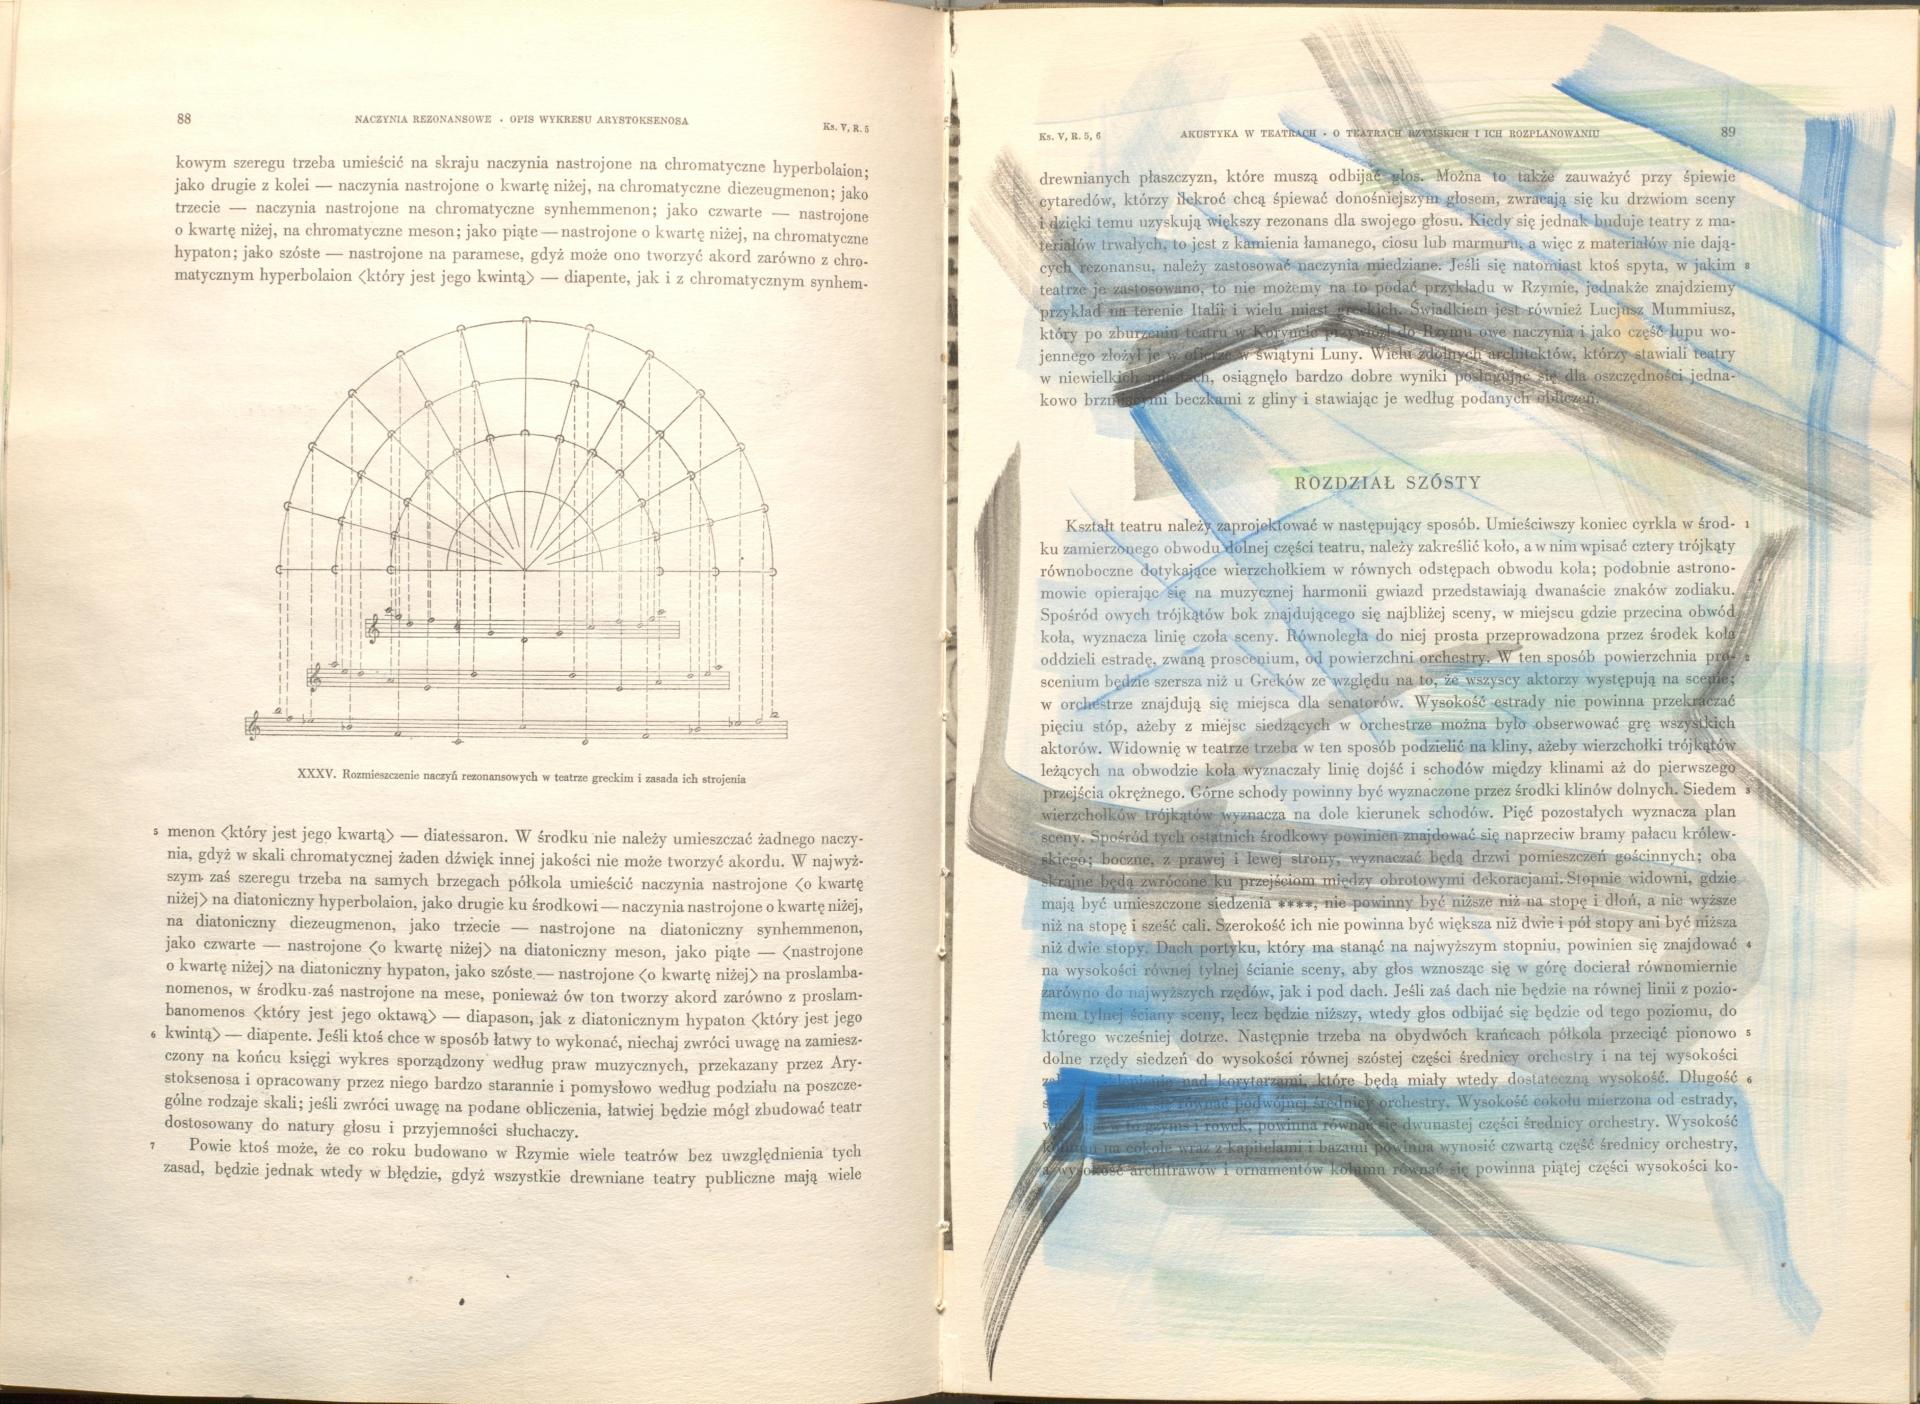 laboratorium haus 1 Heiko Wennesz grafik 8-scriptbook